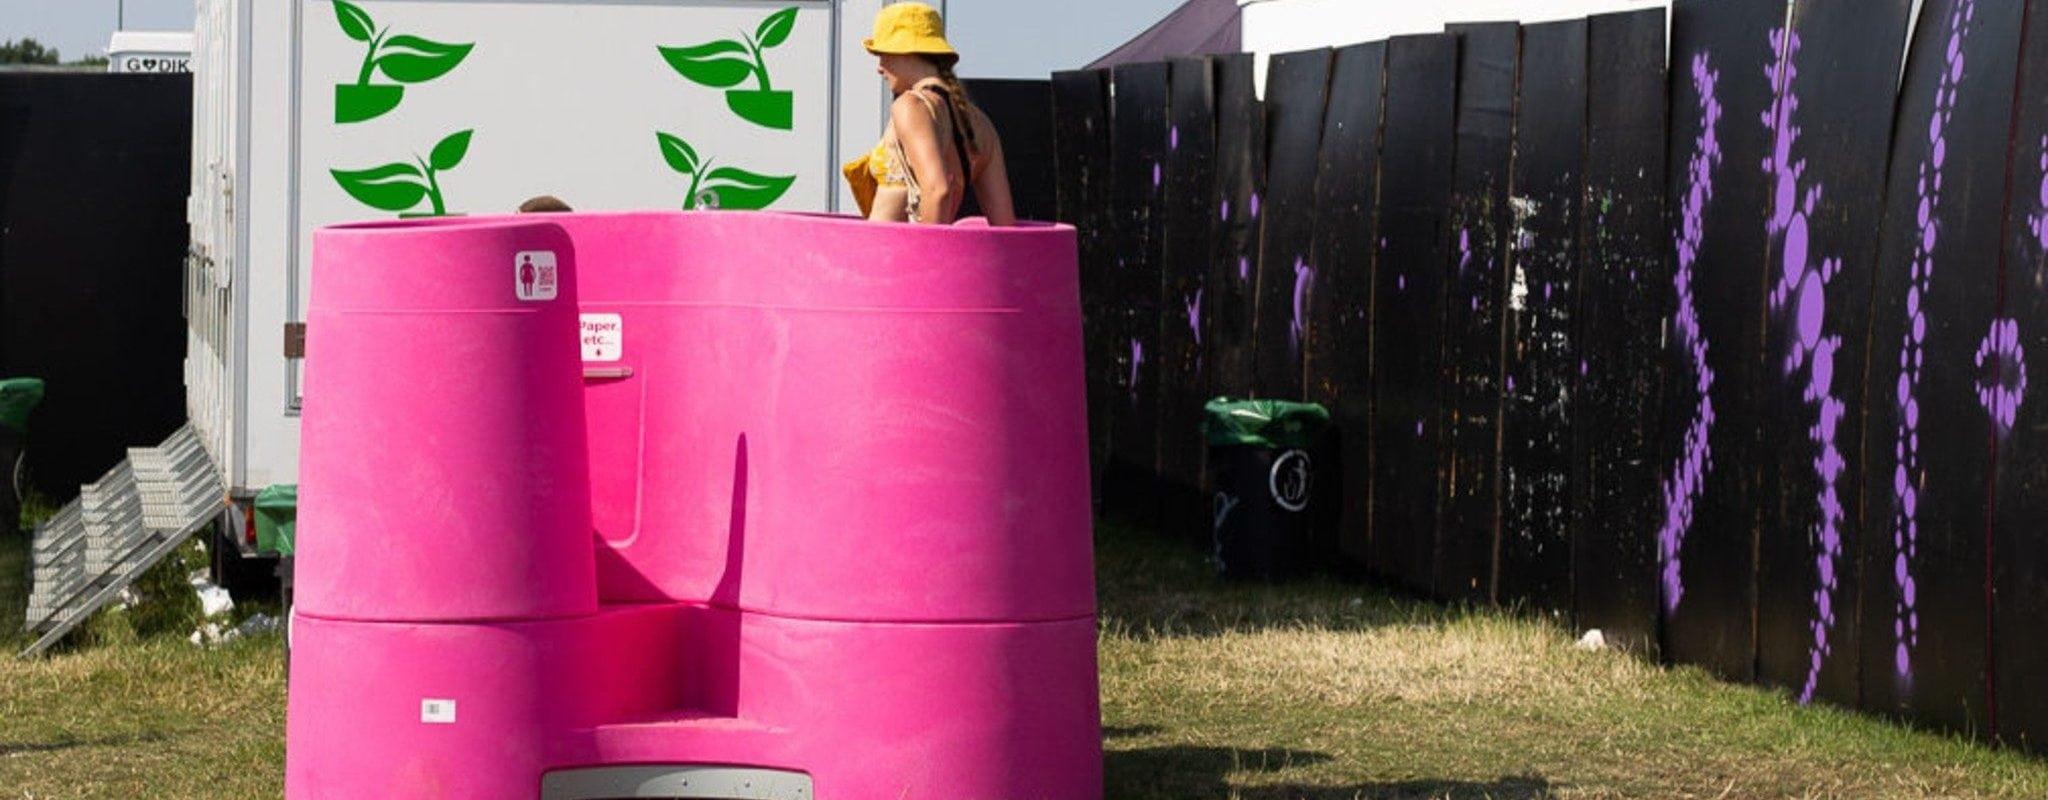 Le tout premier urinoir féminin testé au festival Summer Vibration